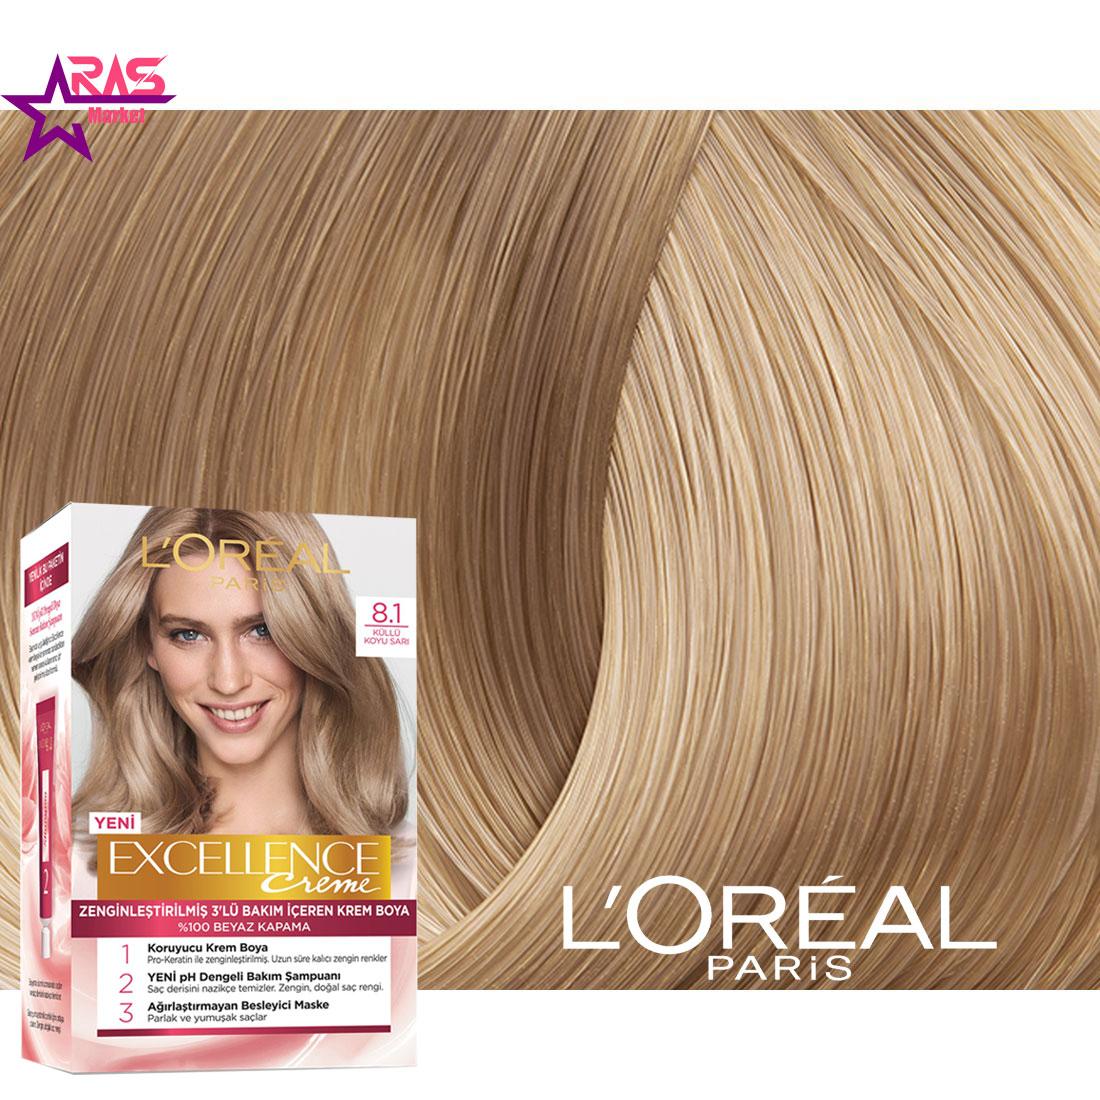 کیت رنگ مو لورآل سری Excellence شماره 8.1 ، خرید اینترنتی محصولات شوینده و بهداشتی ، بهداشت بانوان